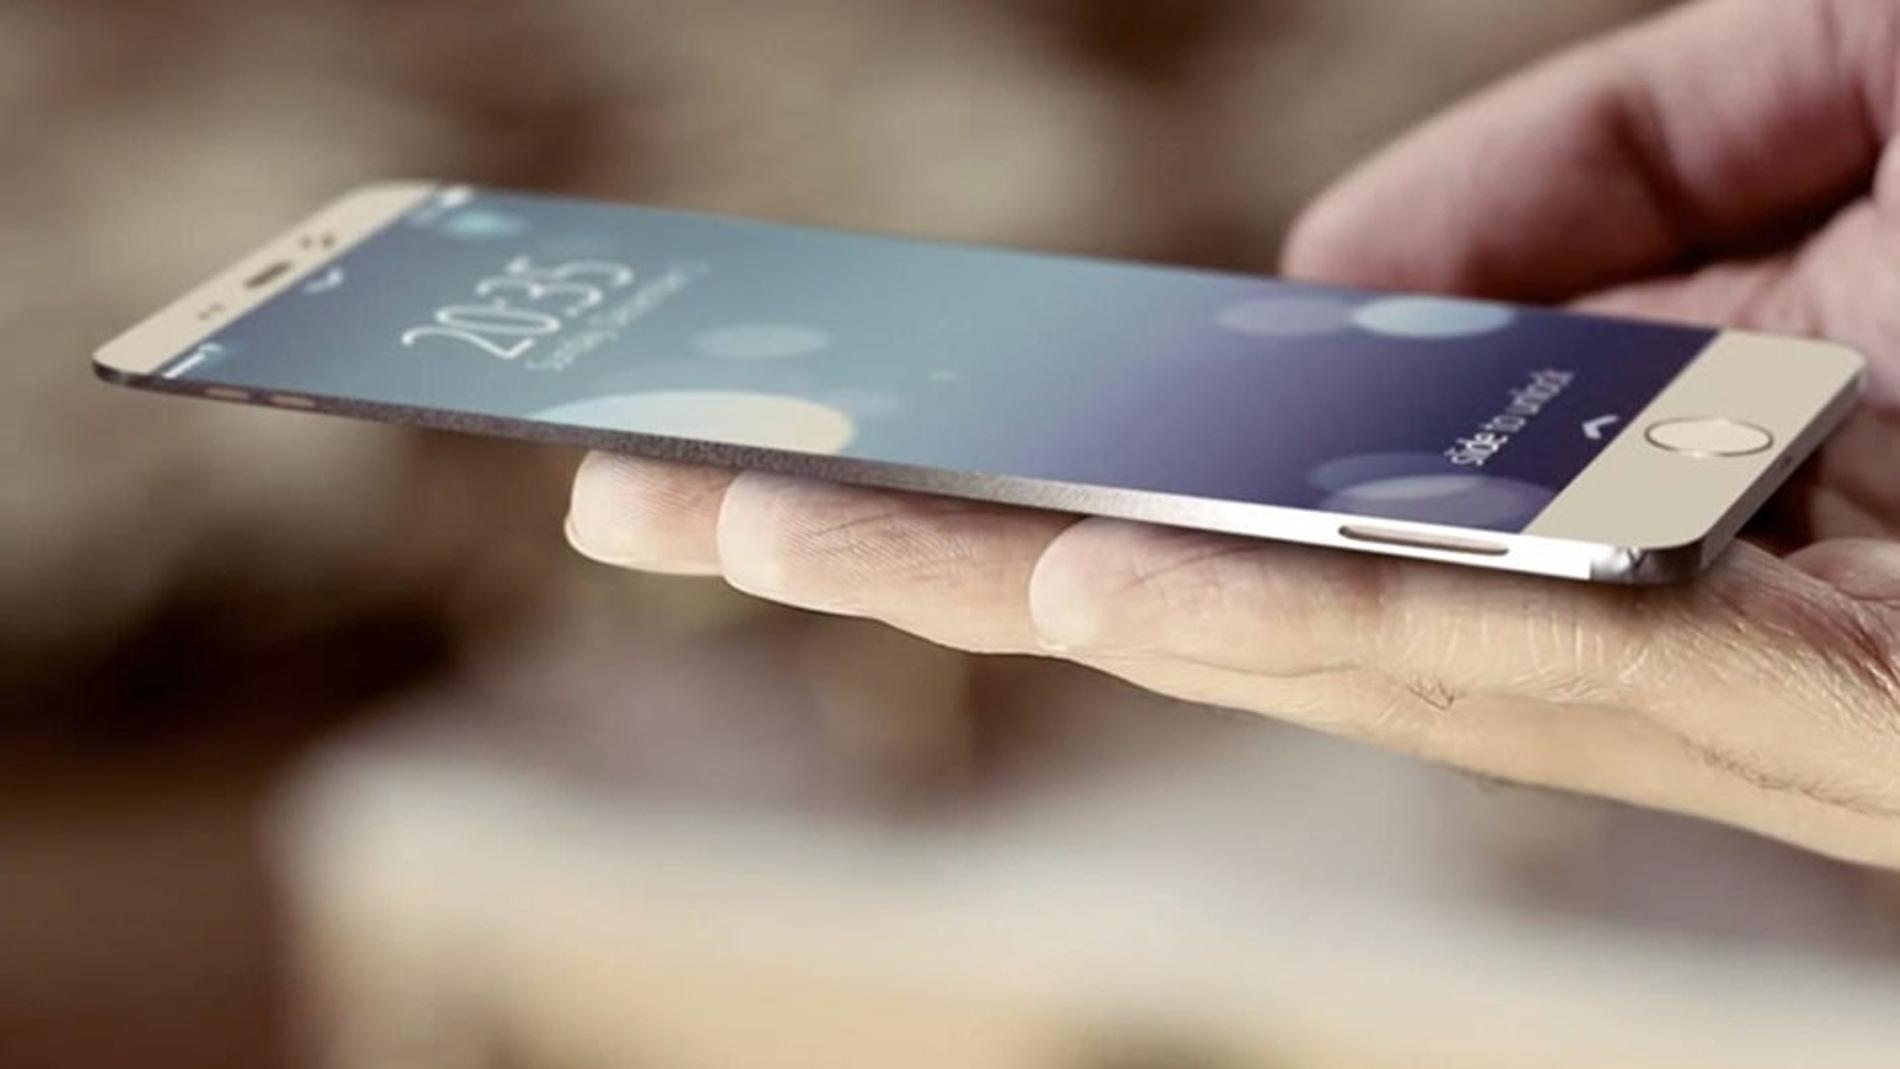 Diseño conceptual de un usuario de cómo sería un iPhone 6